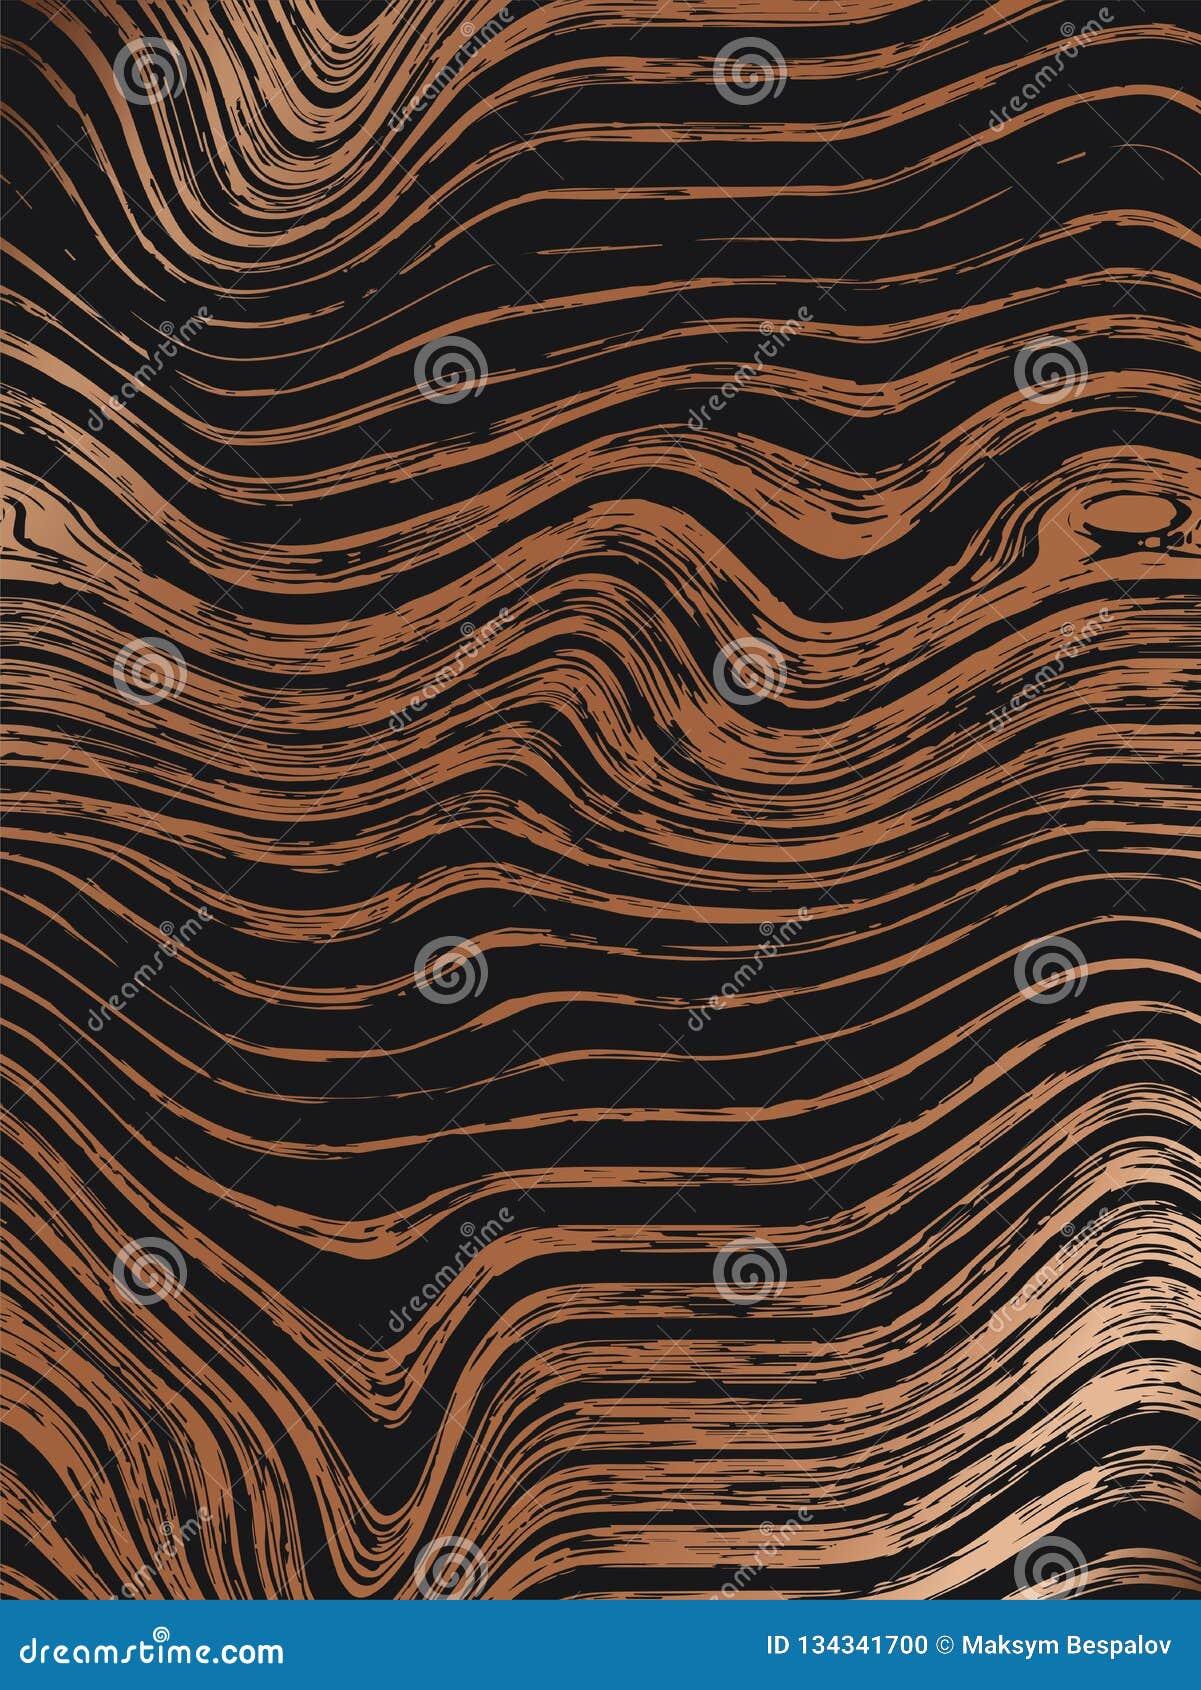 För modelltexturer för abstrakt trä guld- bakgrund Sömlös lyxig trätextur, utdraget diagram för brädehand Täta linjer